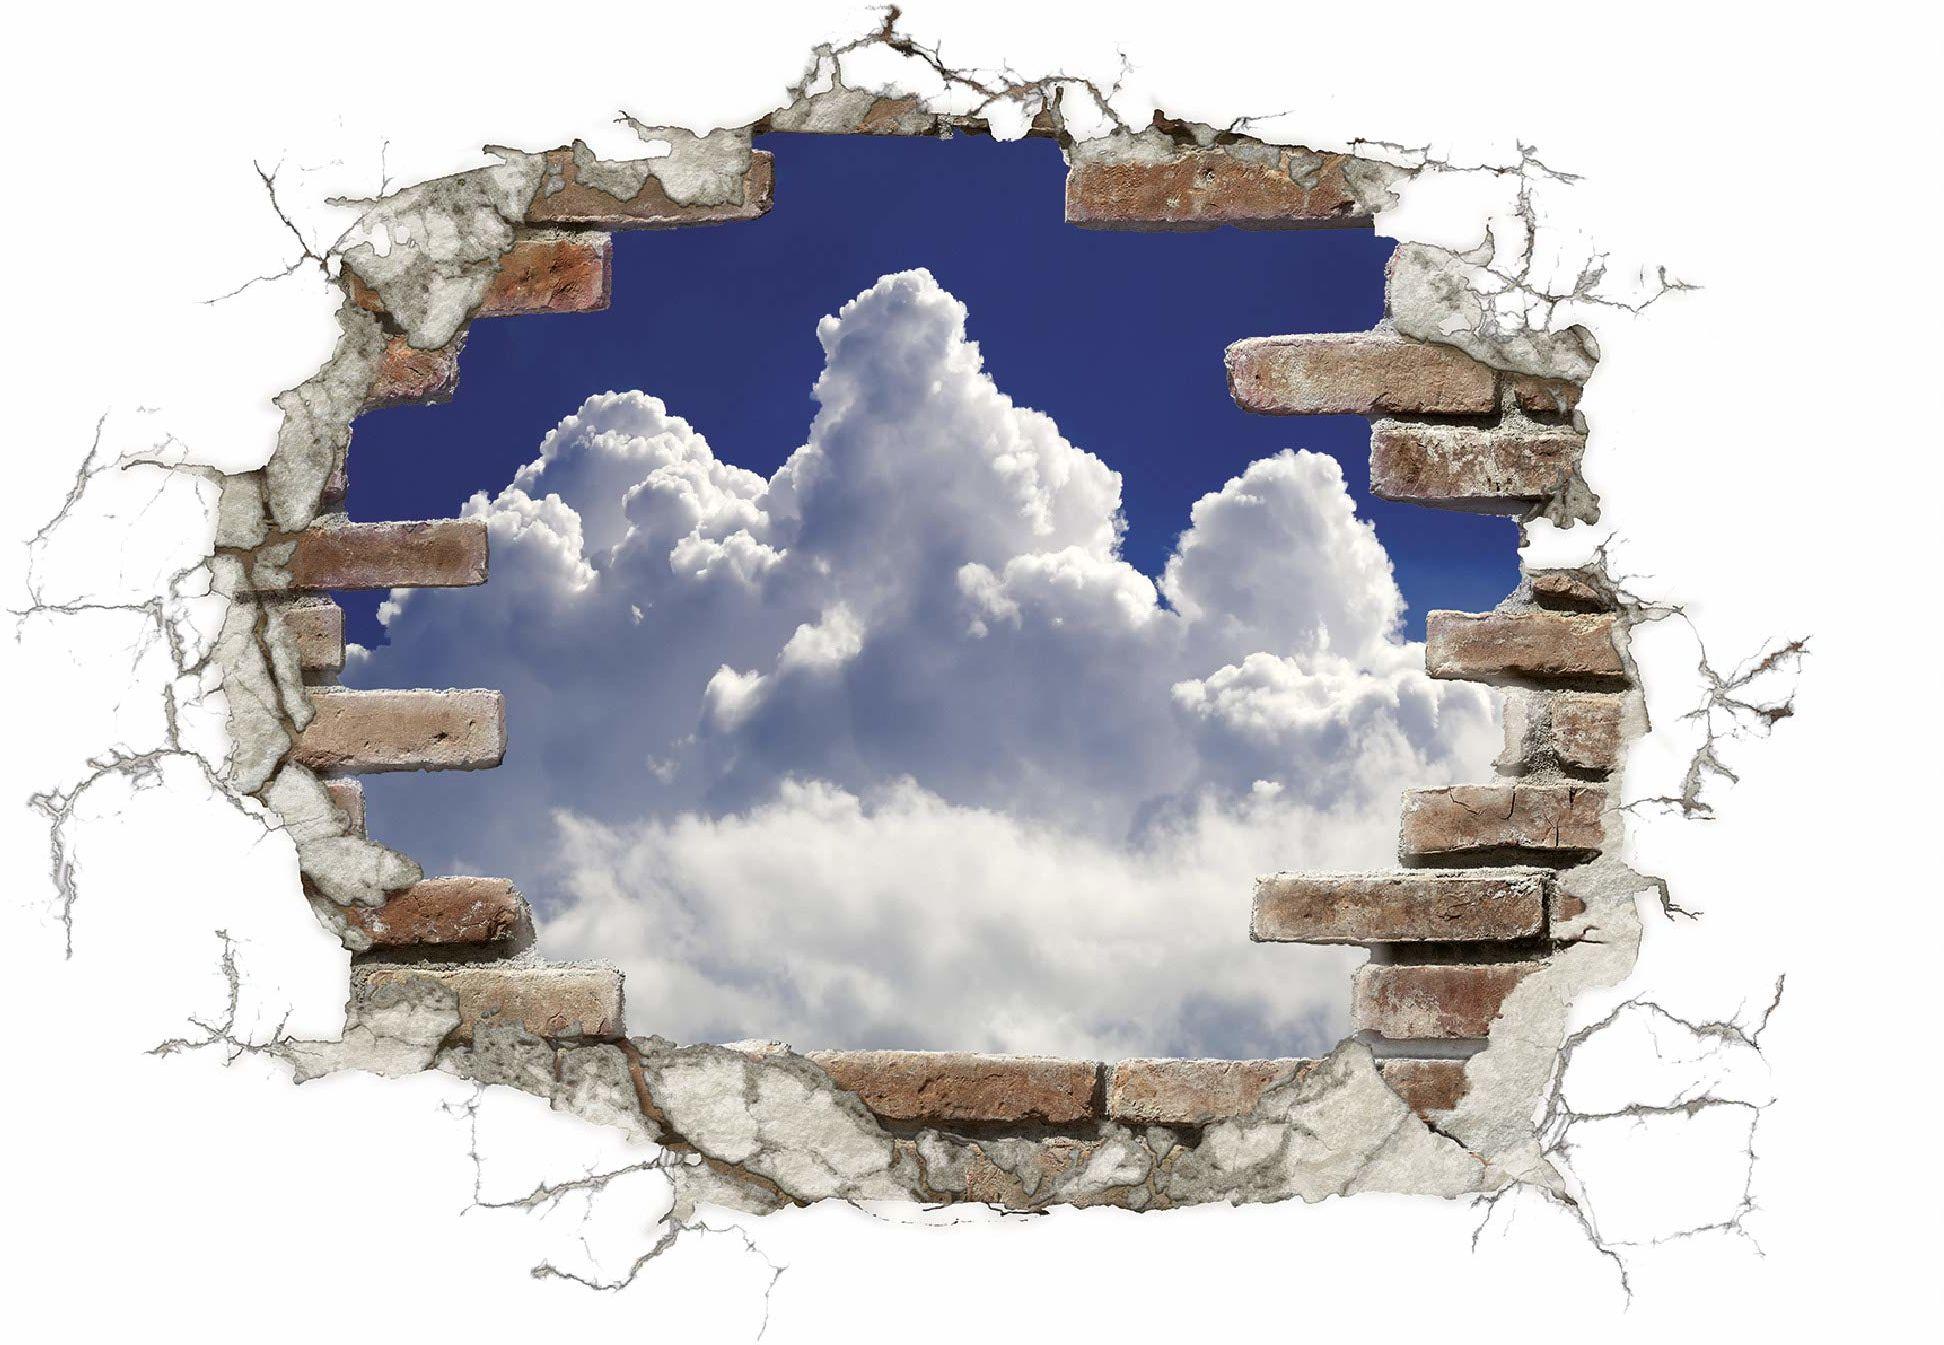 Komar Naklejki deco Break Out Clouds Rozmiar: 100 x 70 cm (szerokość x wysokość) tatuaż ścienny, ściana, dekoracja, naklejka, naklejka, przebicie muru 17724h